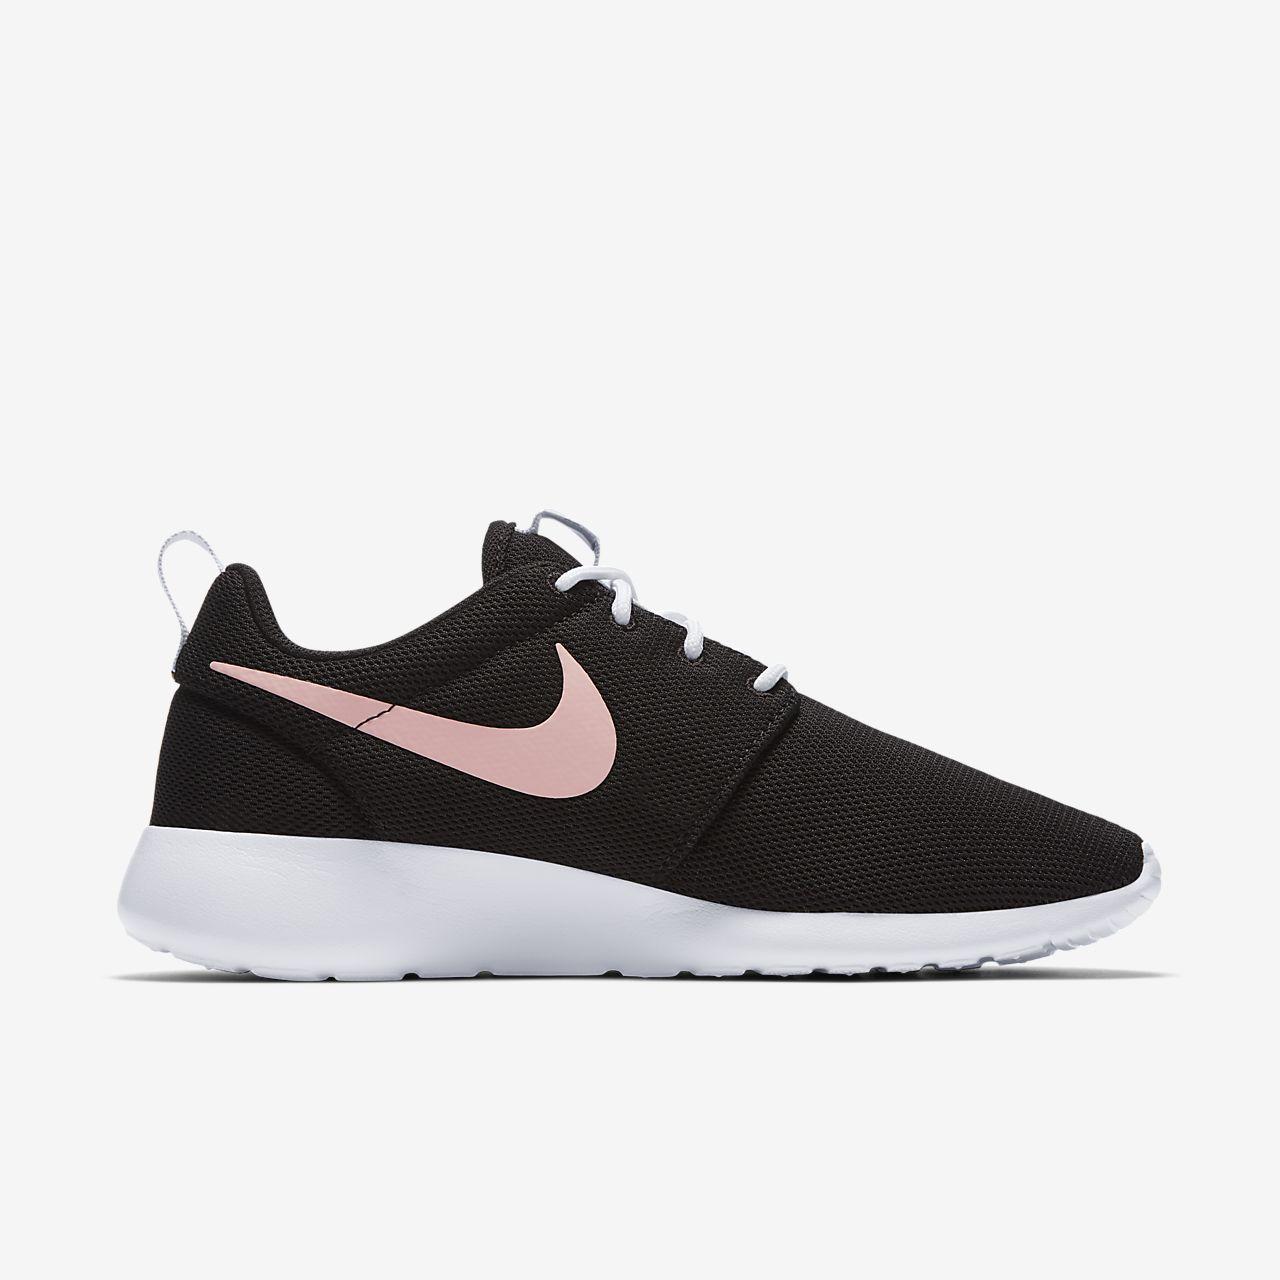 Topánky Nike Roshe One Wmn (blackwhite dark grey